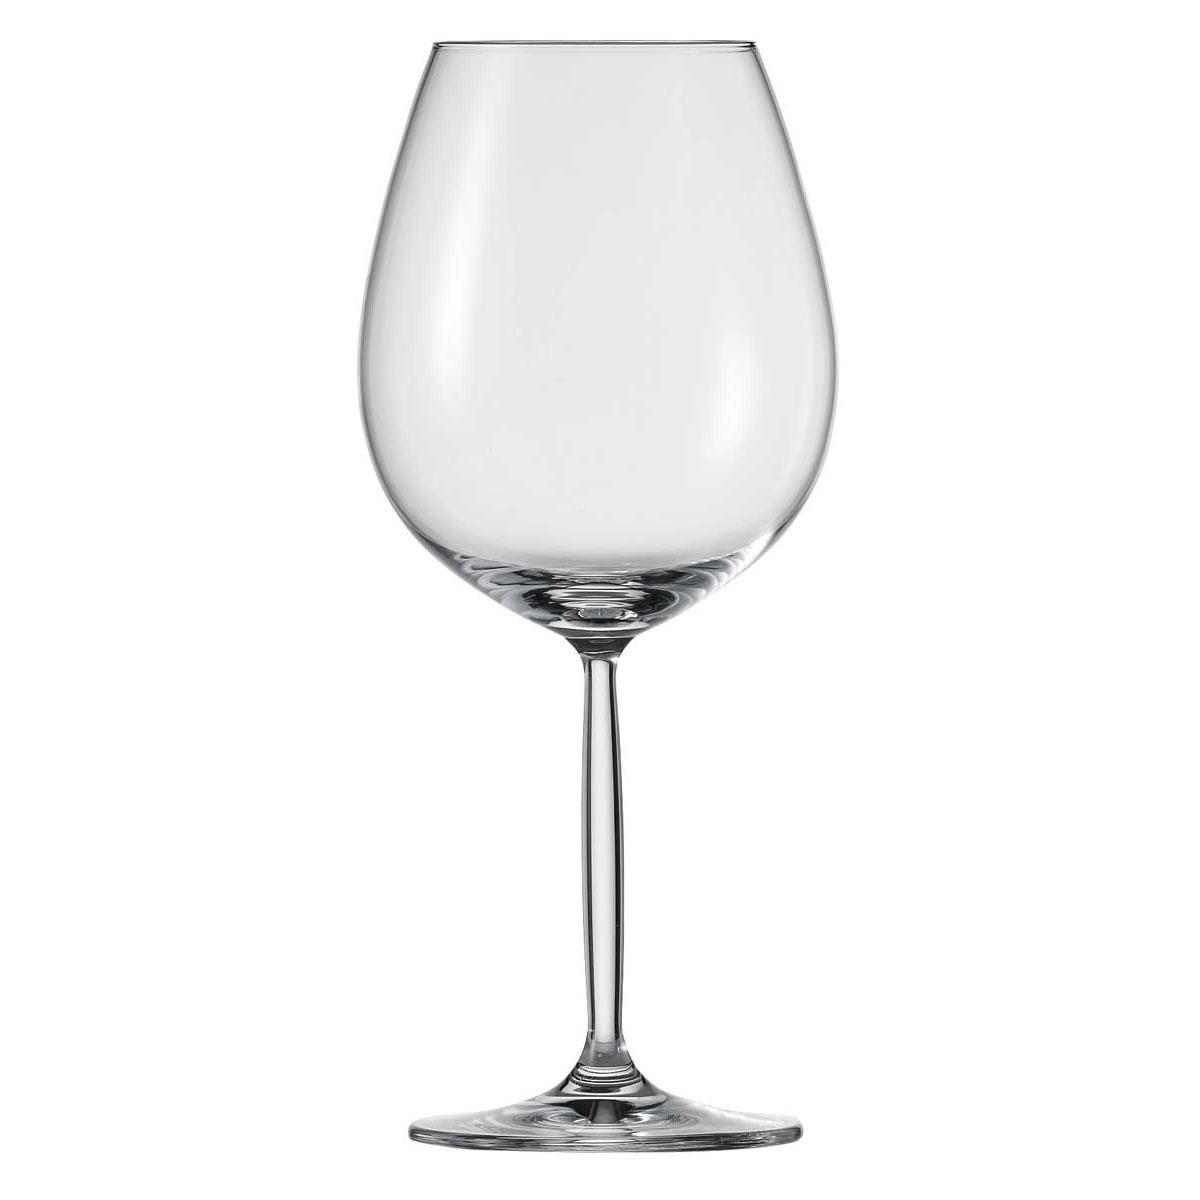 Schott Zwiesel Diva Living Burgundy, Pinot Noir Glass, Single